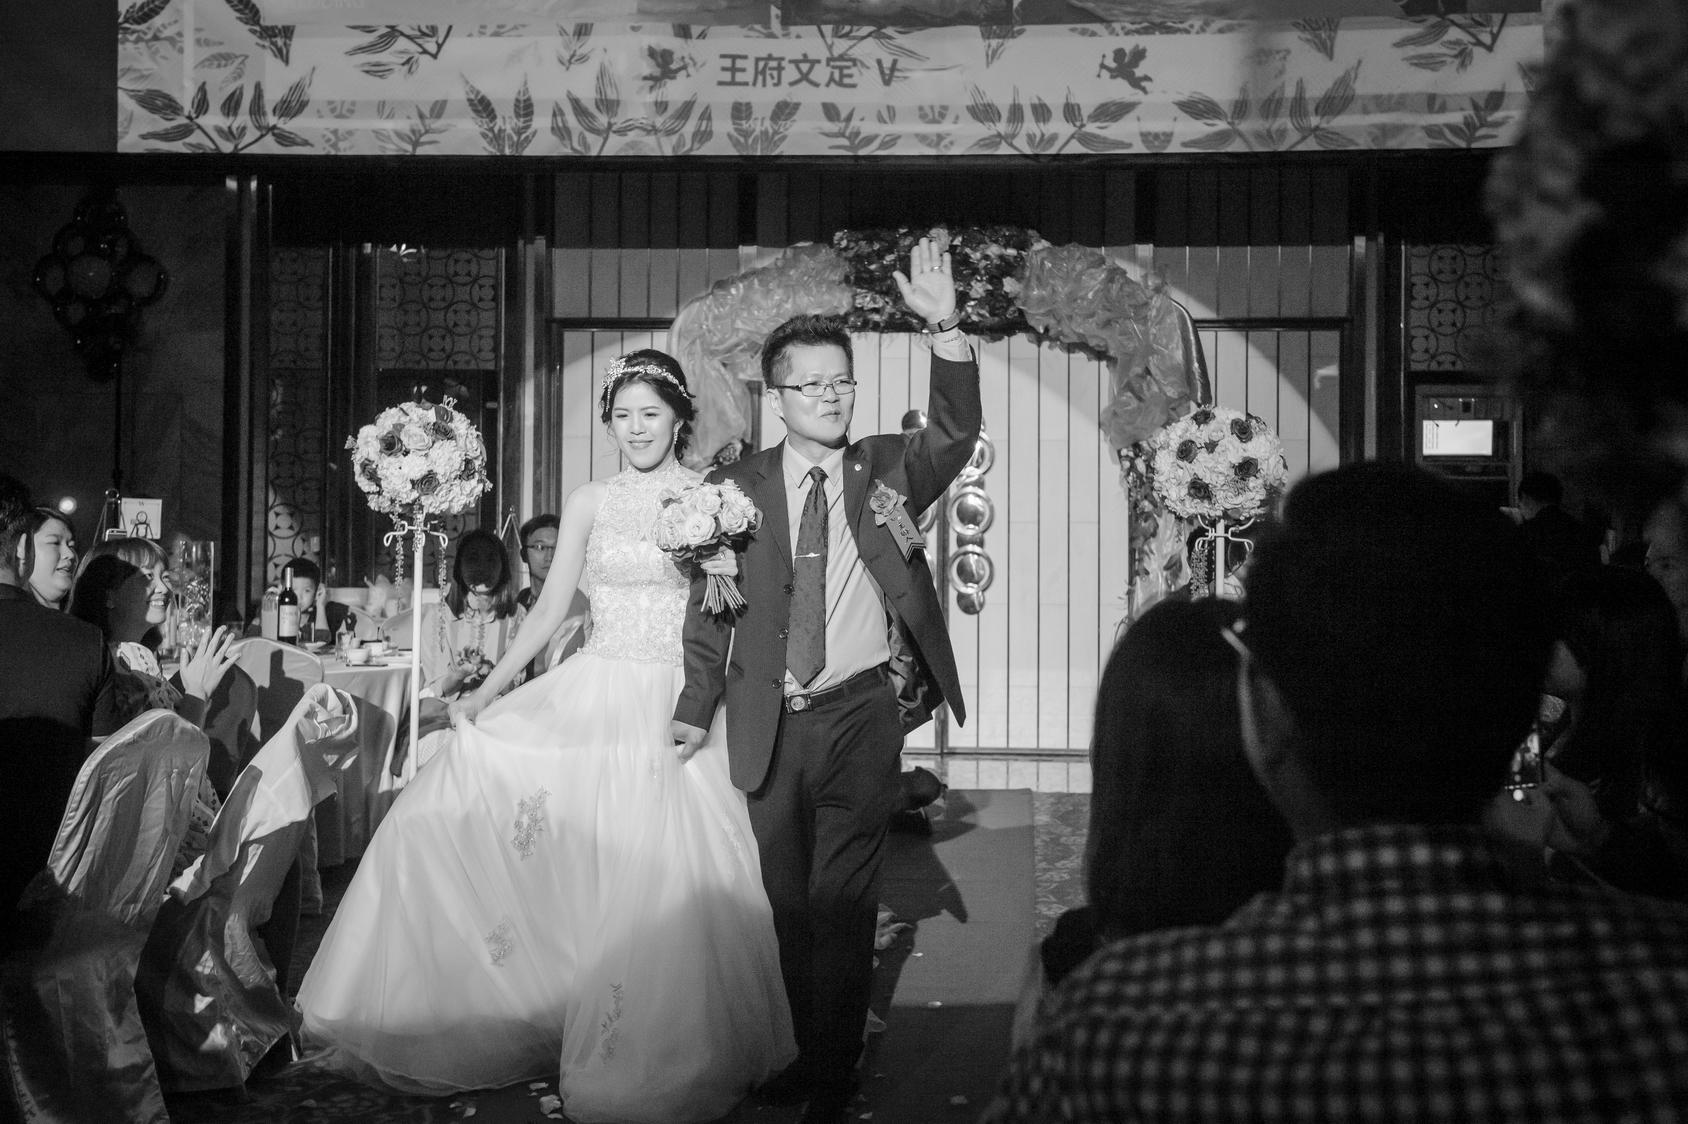 【比堤婚紗.結婚.婚禮紀錄】勝豪 ♥ 麗莎_36